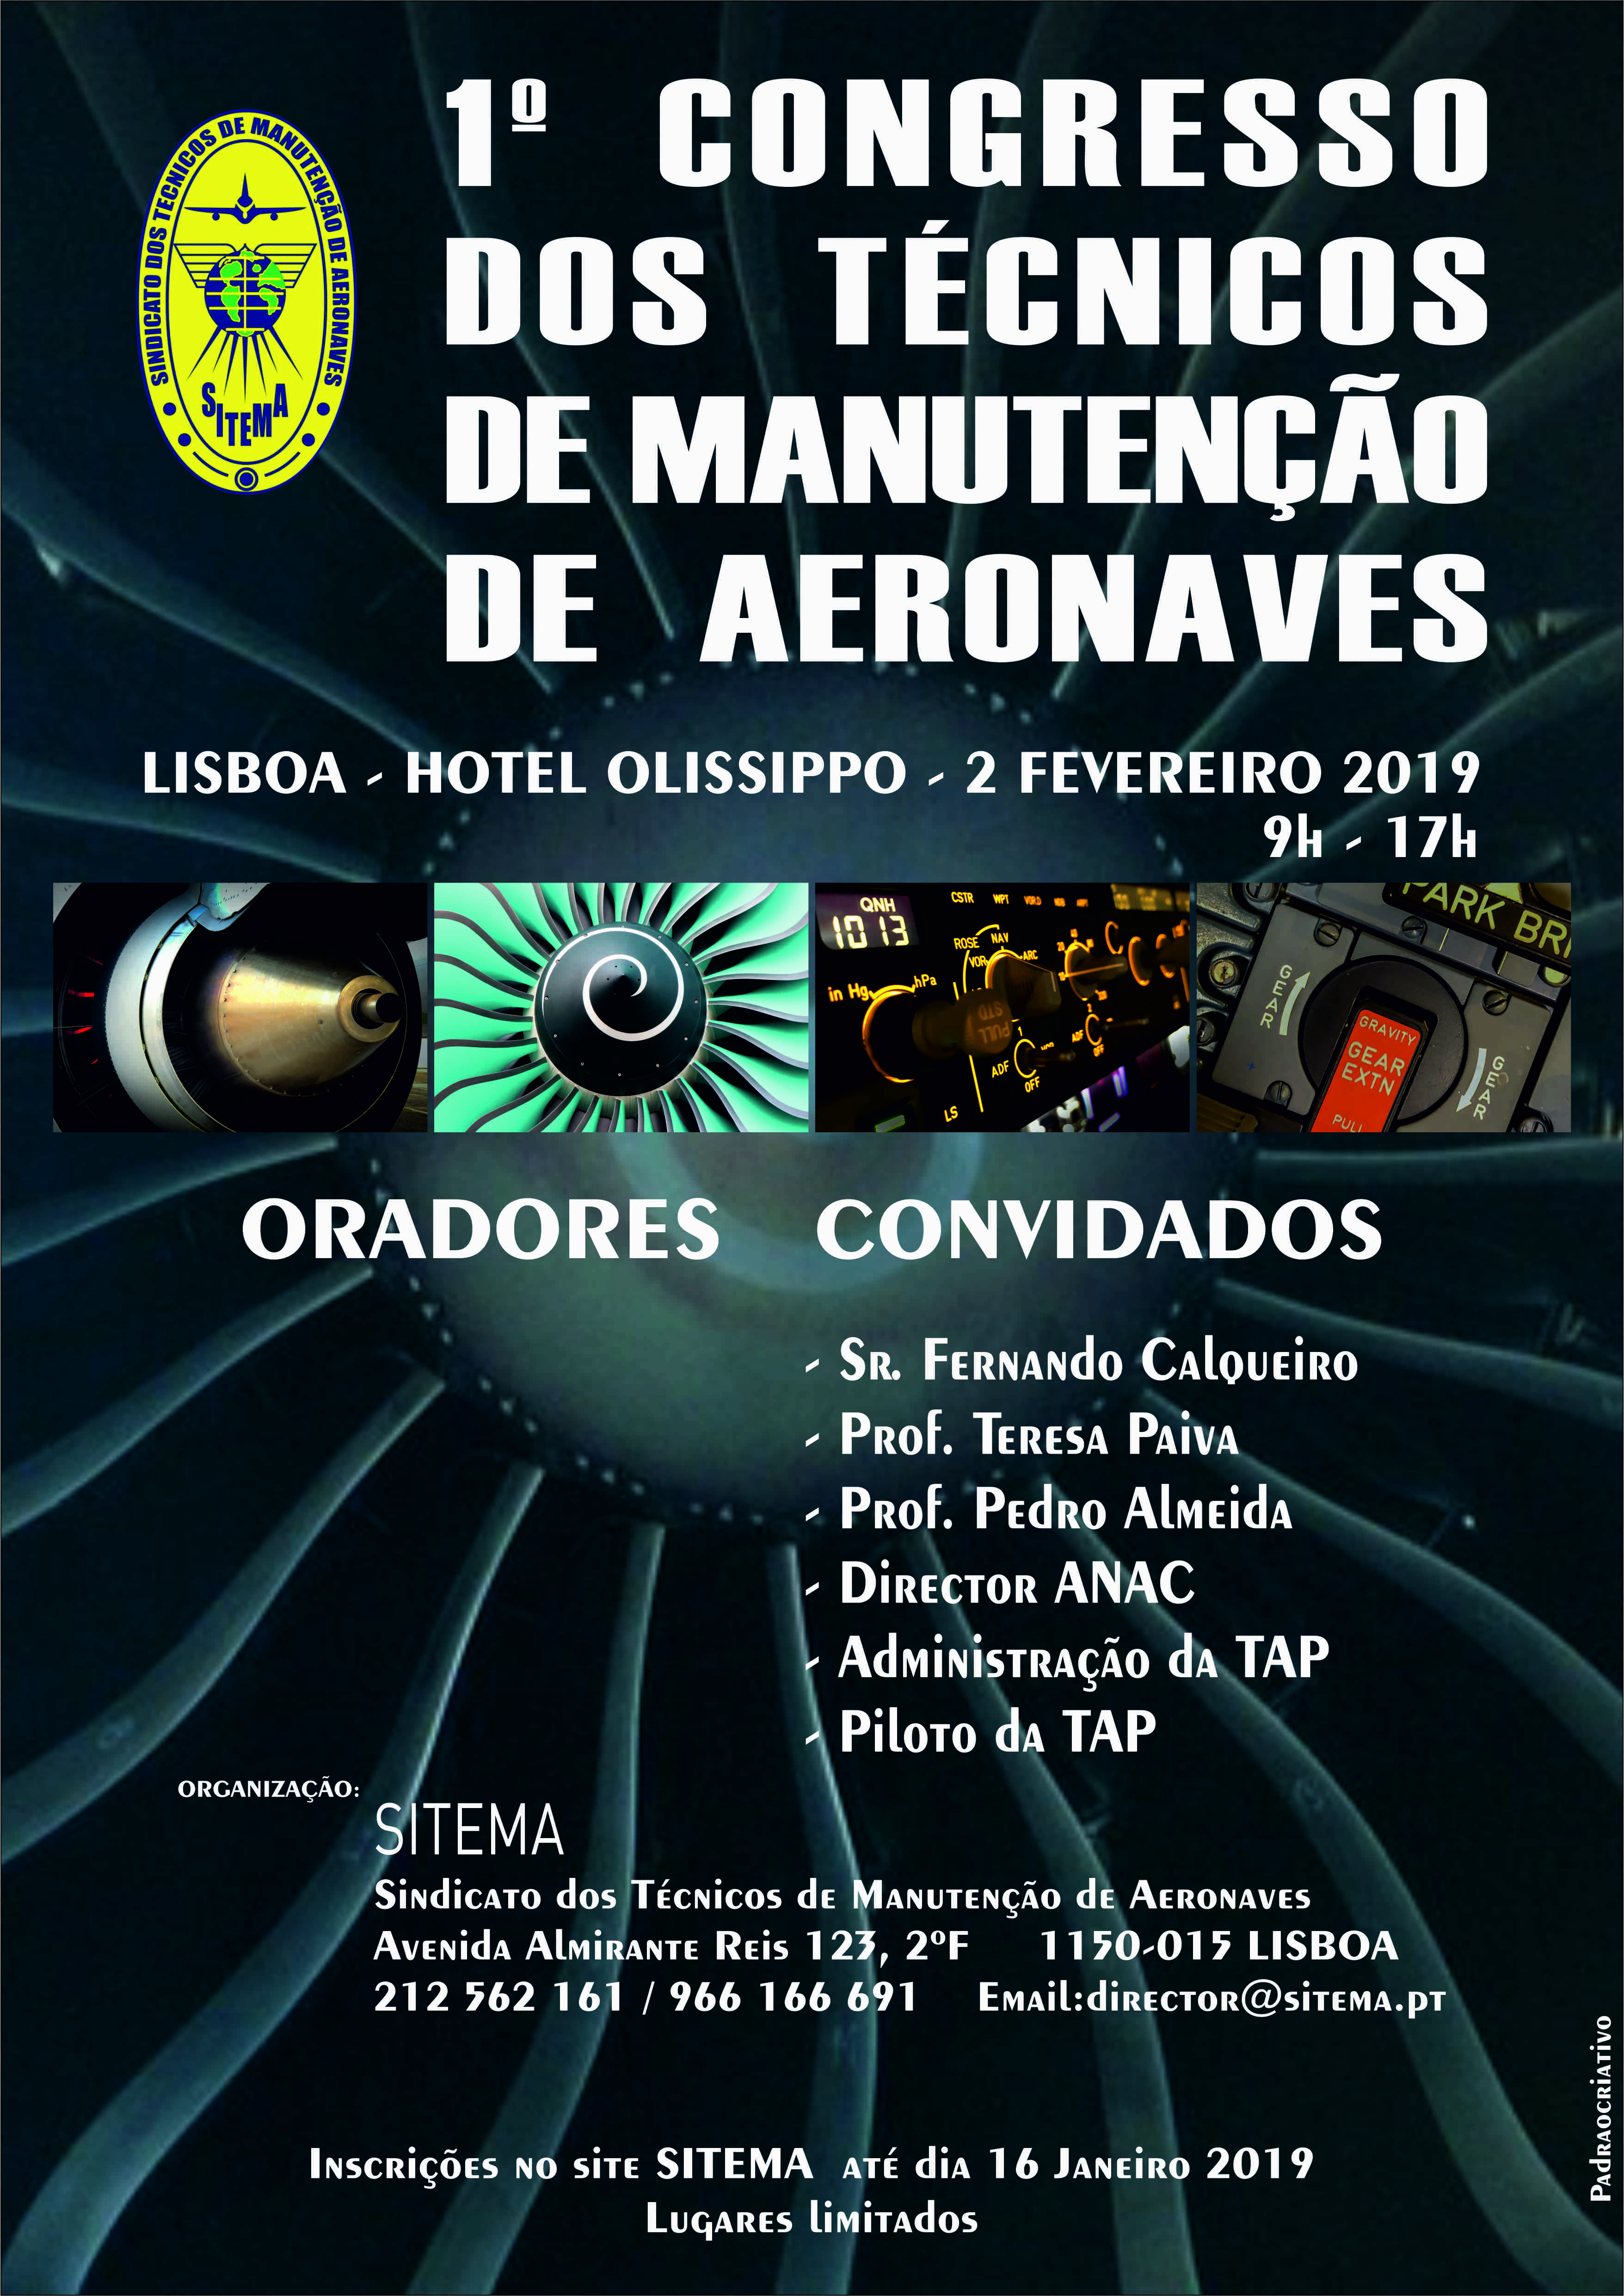 Congresso dos Técnicos de Manutenção de Aeronaves